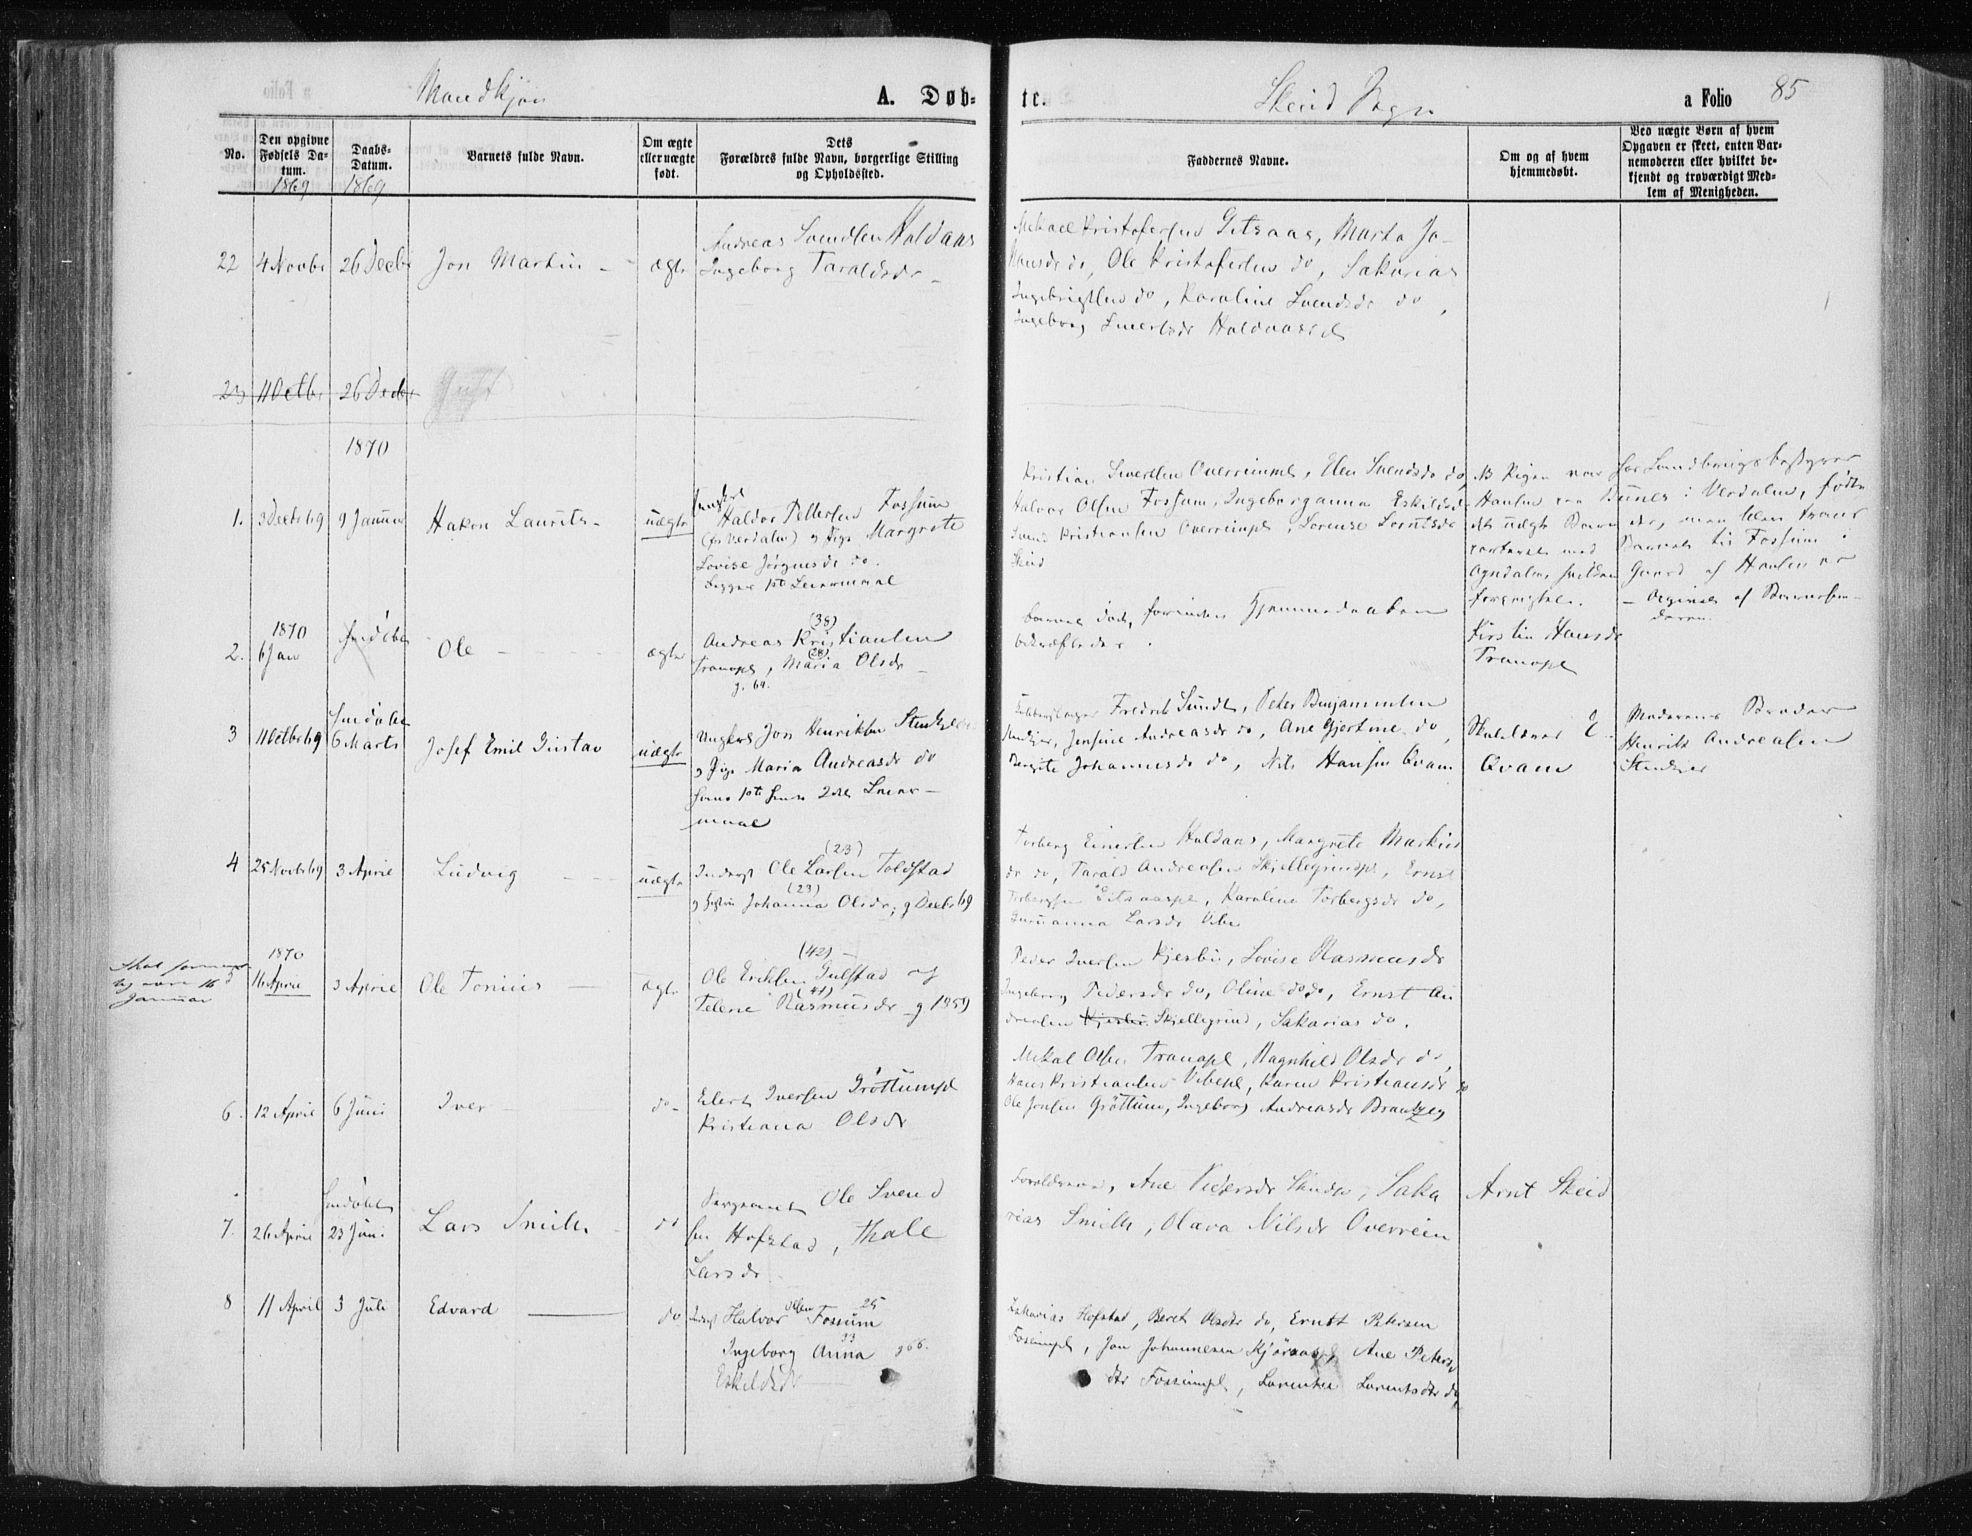 SAT, Ministerialprotokoller, klokkerbøker og fødselsregistre - Nord-Trøndelag, 735/L0345: Ministerialbok nr. 735A08 /2, 1863-1872, s. 85